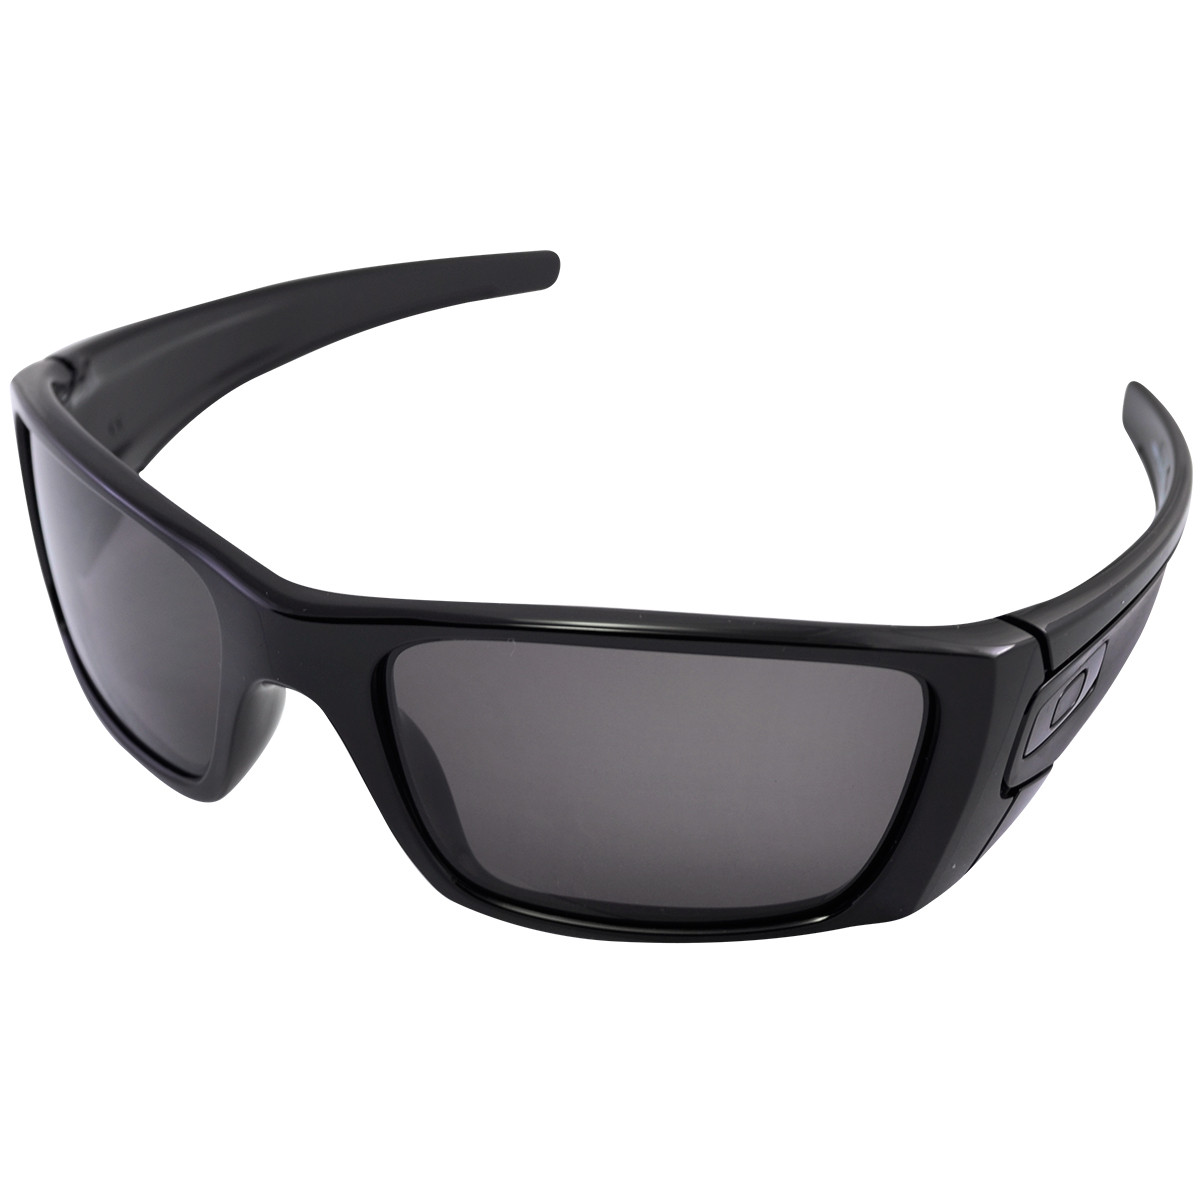 Óculos Oakley Fuel Cell Polished Black Lente Warm Grey ref OO9096-01 902daae675